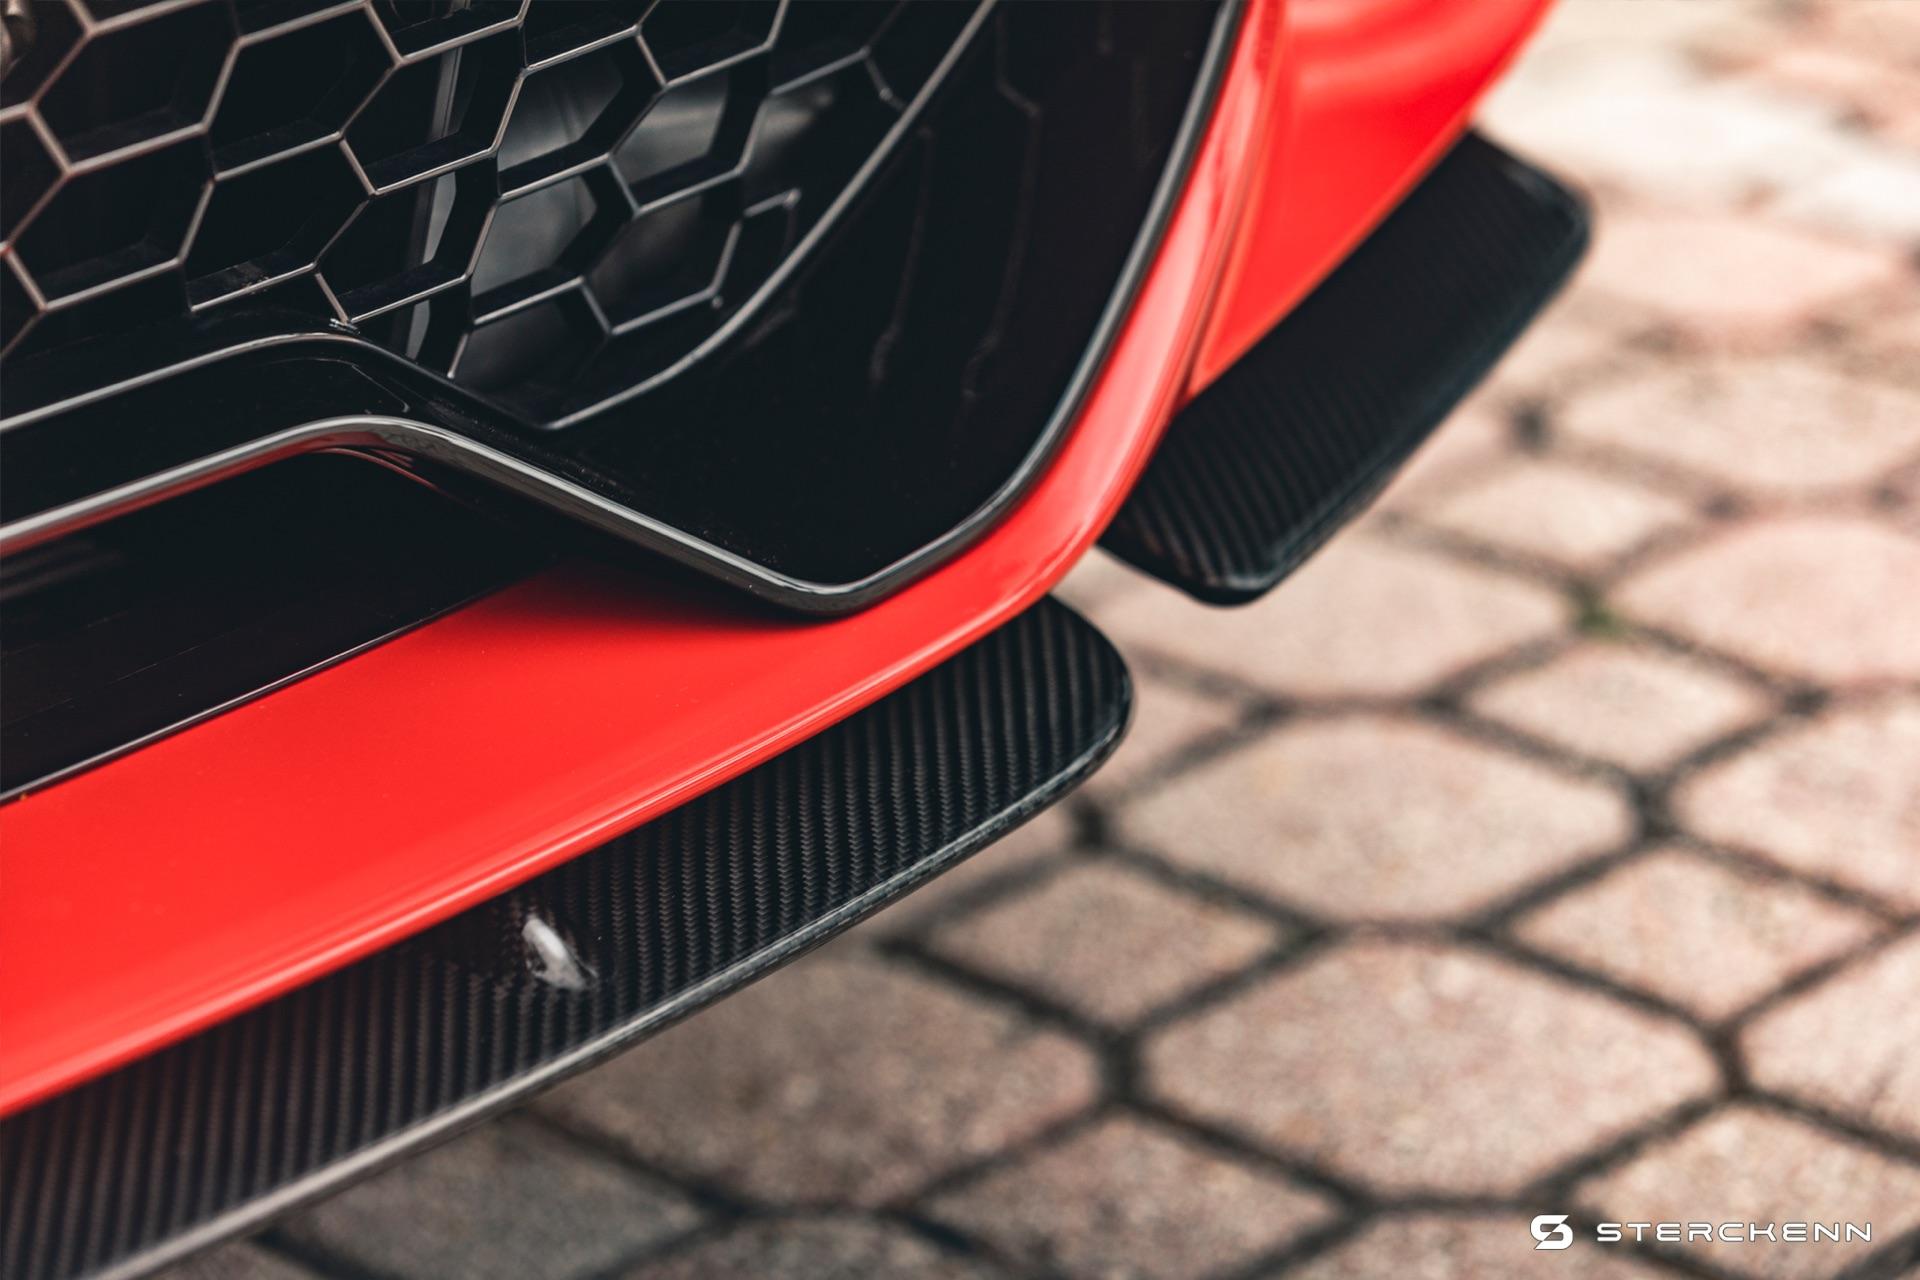 Sterckenn BMW X3 M